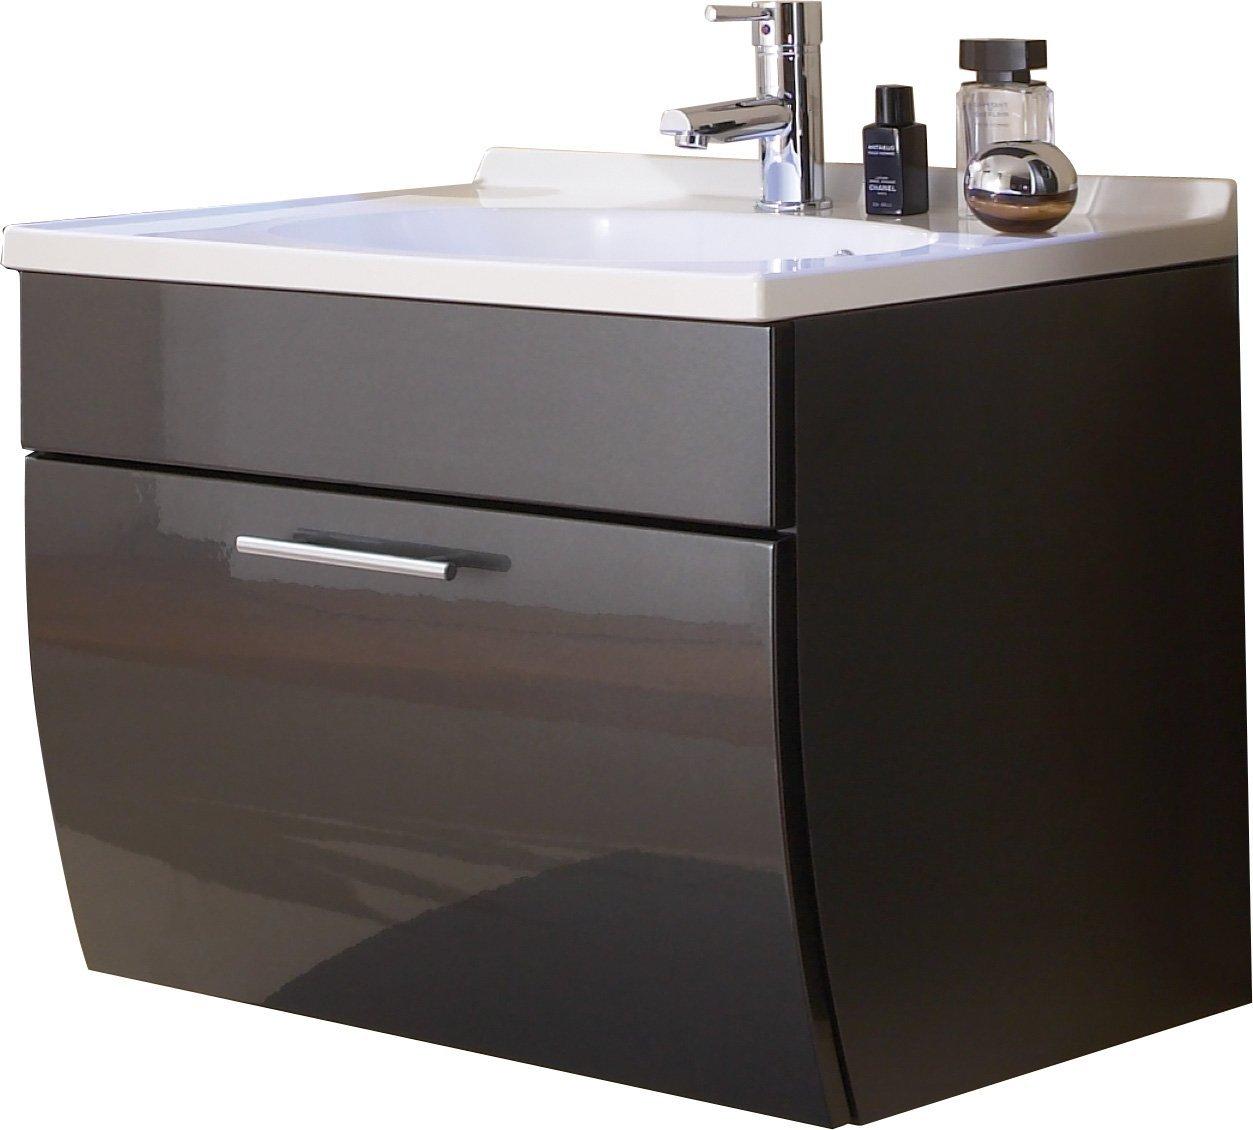 Waschbecken Mit Unterschrank Finden Der Waschtisch Mit Unterschrank